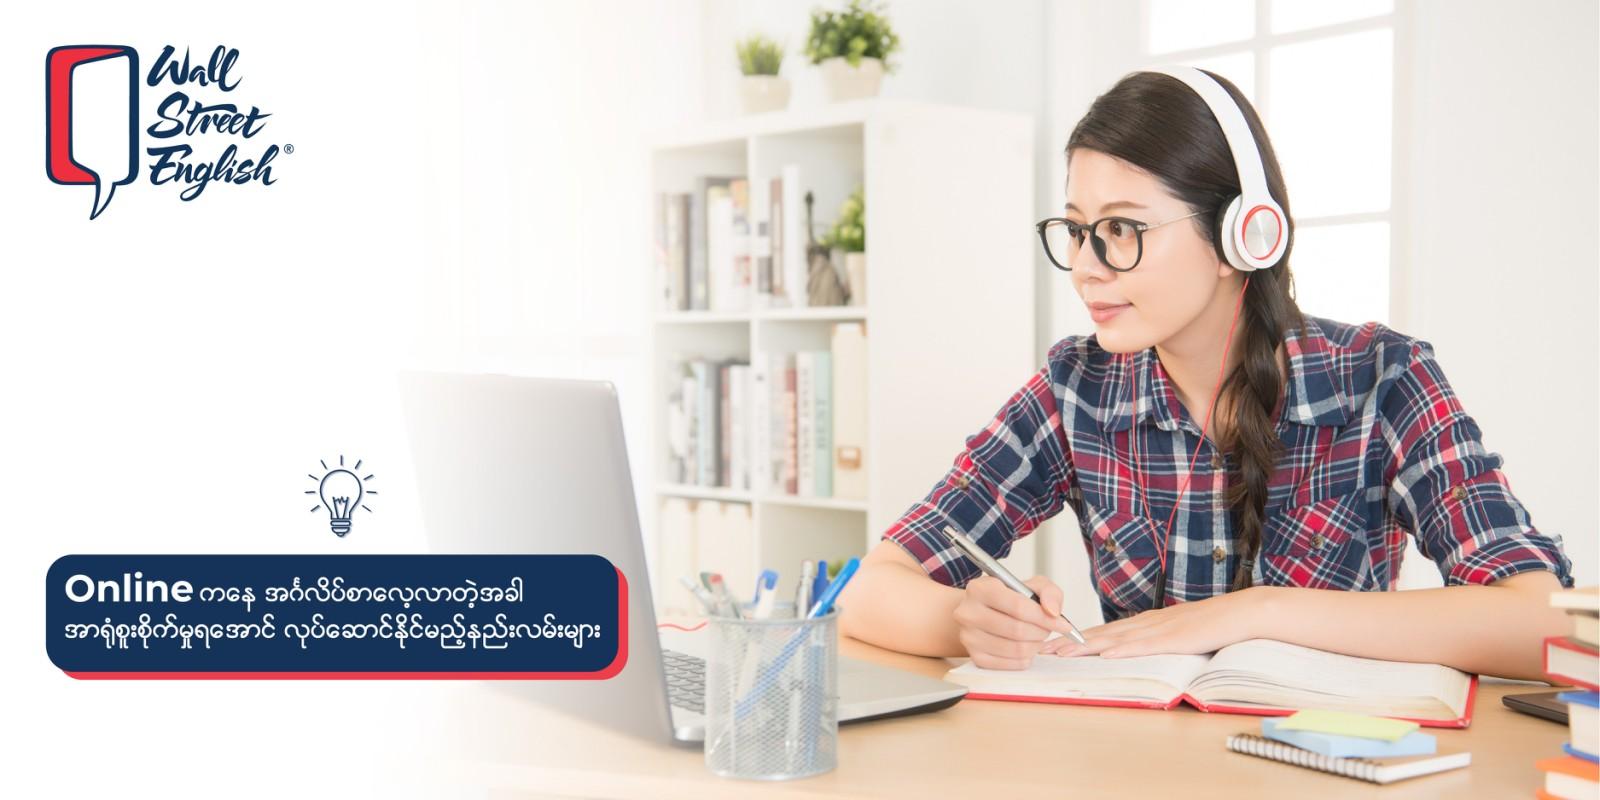 အွန်လိုင်းကနေ အင်္ဂလိပ်စာလေ့လာတဲ့အခါ အာရုံစူးစိုက်မှုရအောင် လုပ်ဆောင်နိုင်မယ့်နည်းလမ်းများ